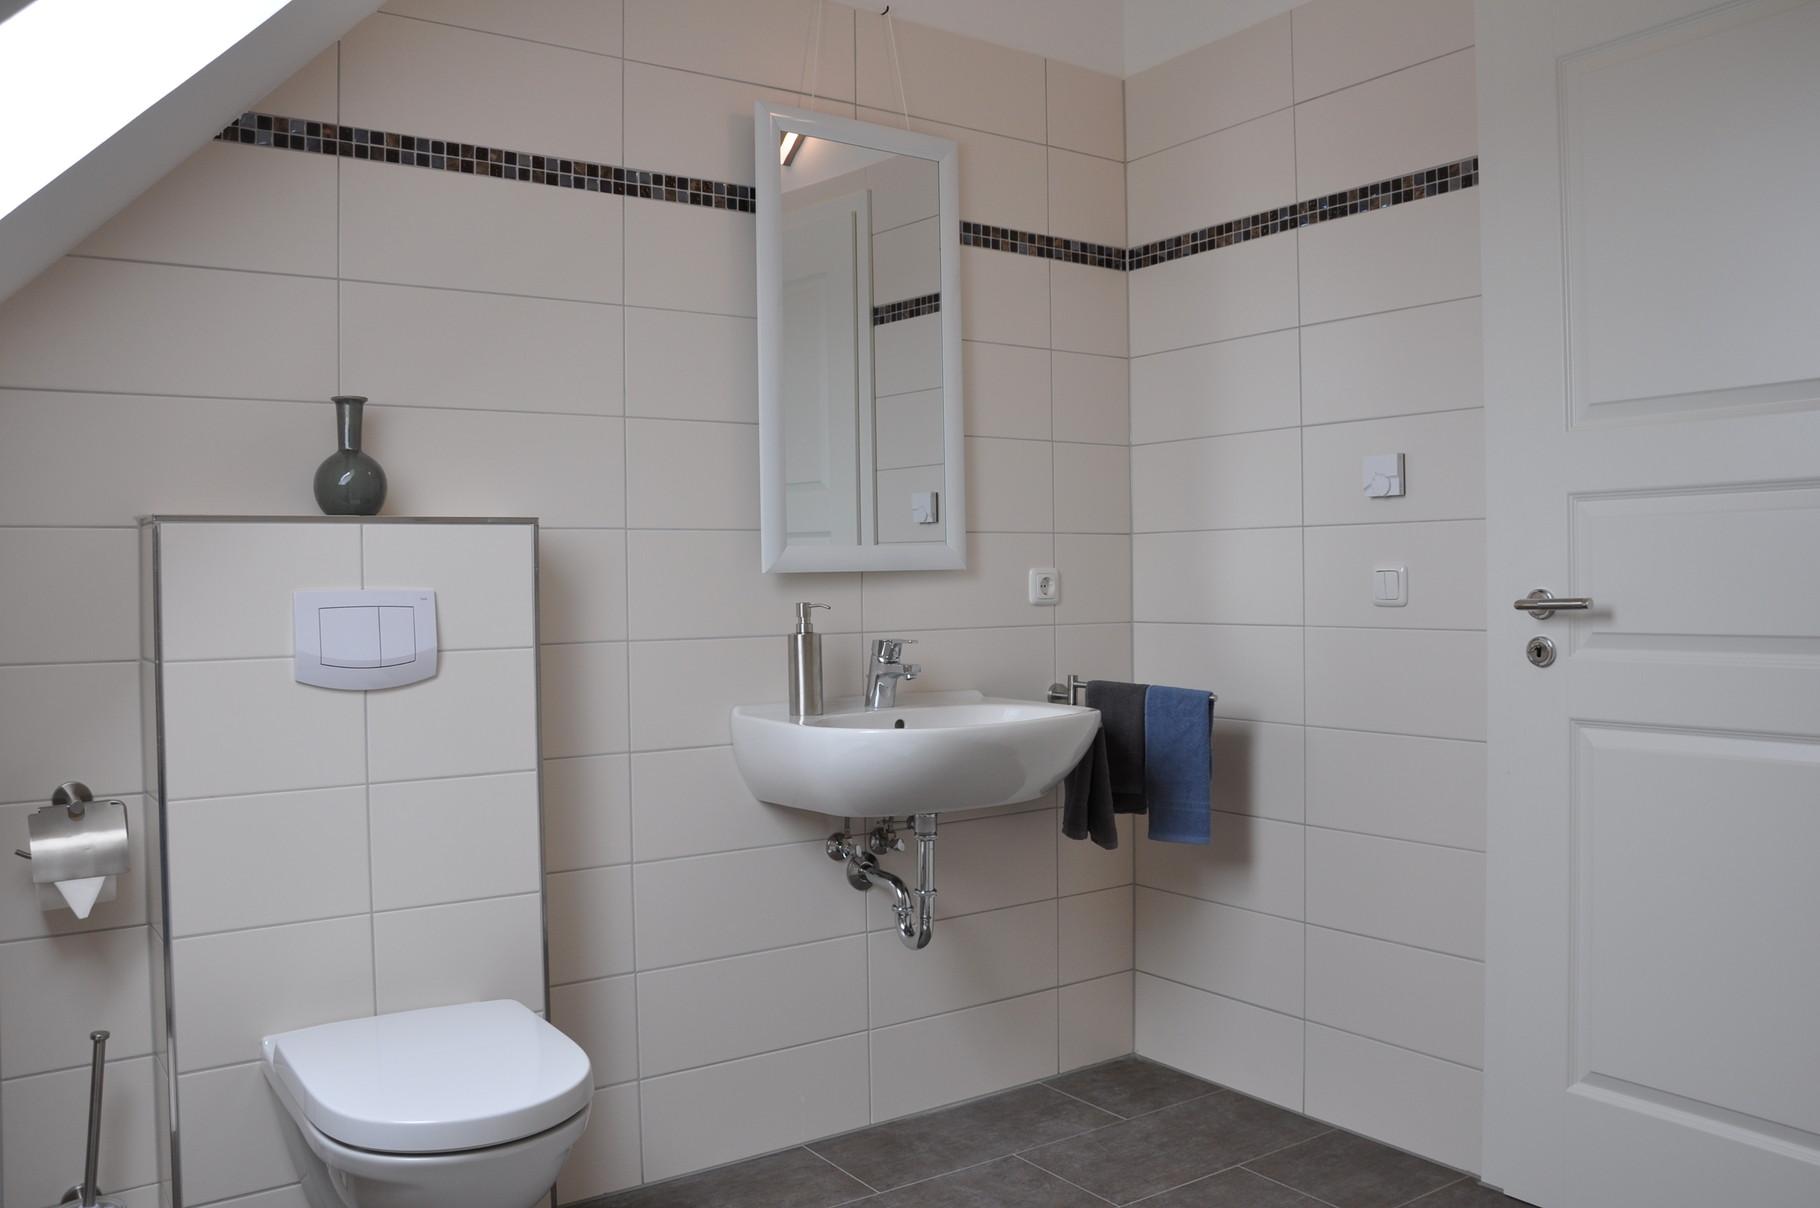 2 zimmer wohnung in elmshorn optimmo home staging hamburg. Black Bedroom Furniture Sets. Home Design Ideas